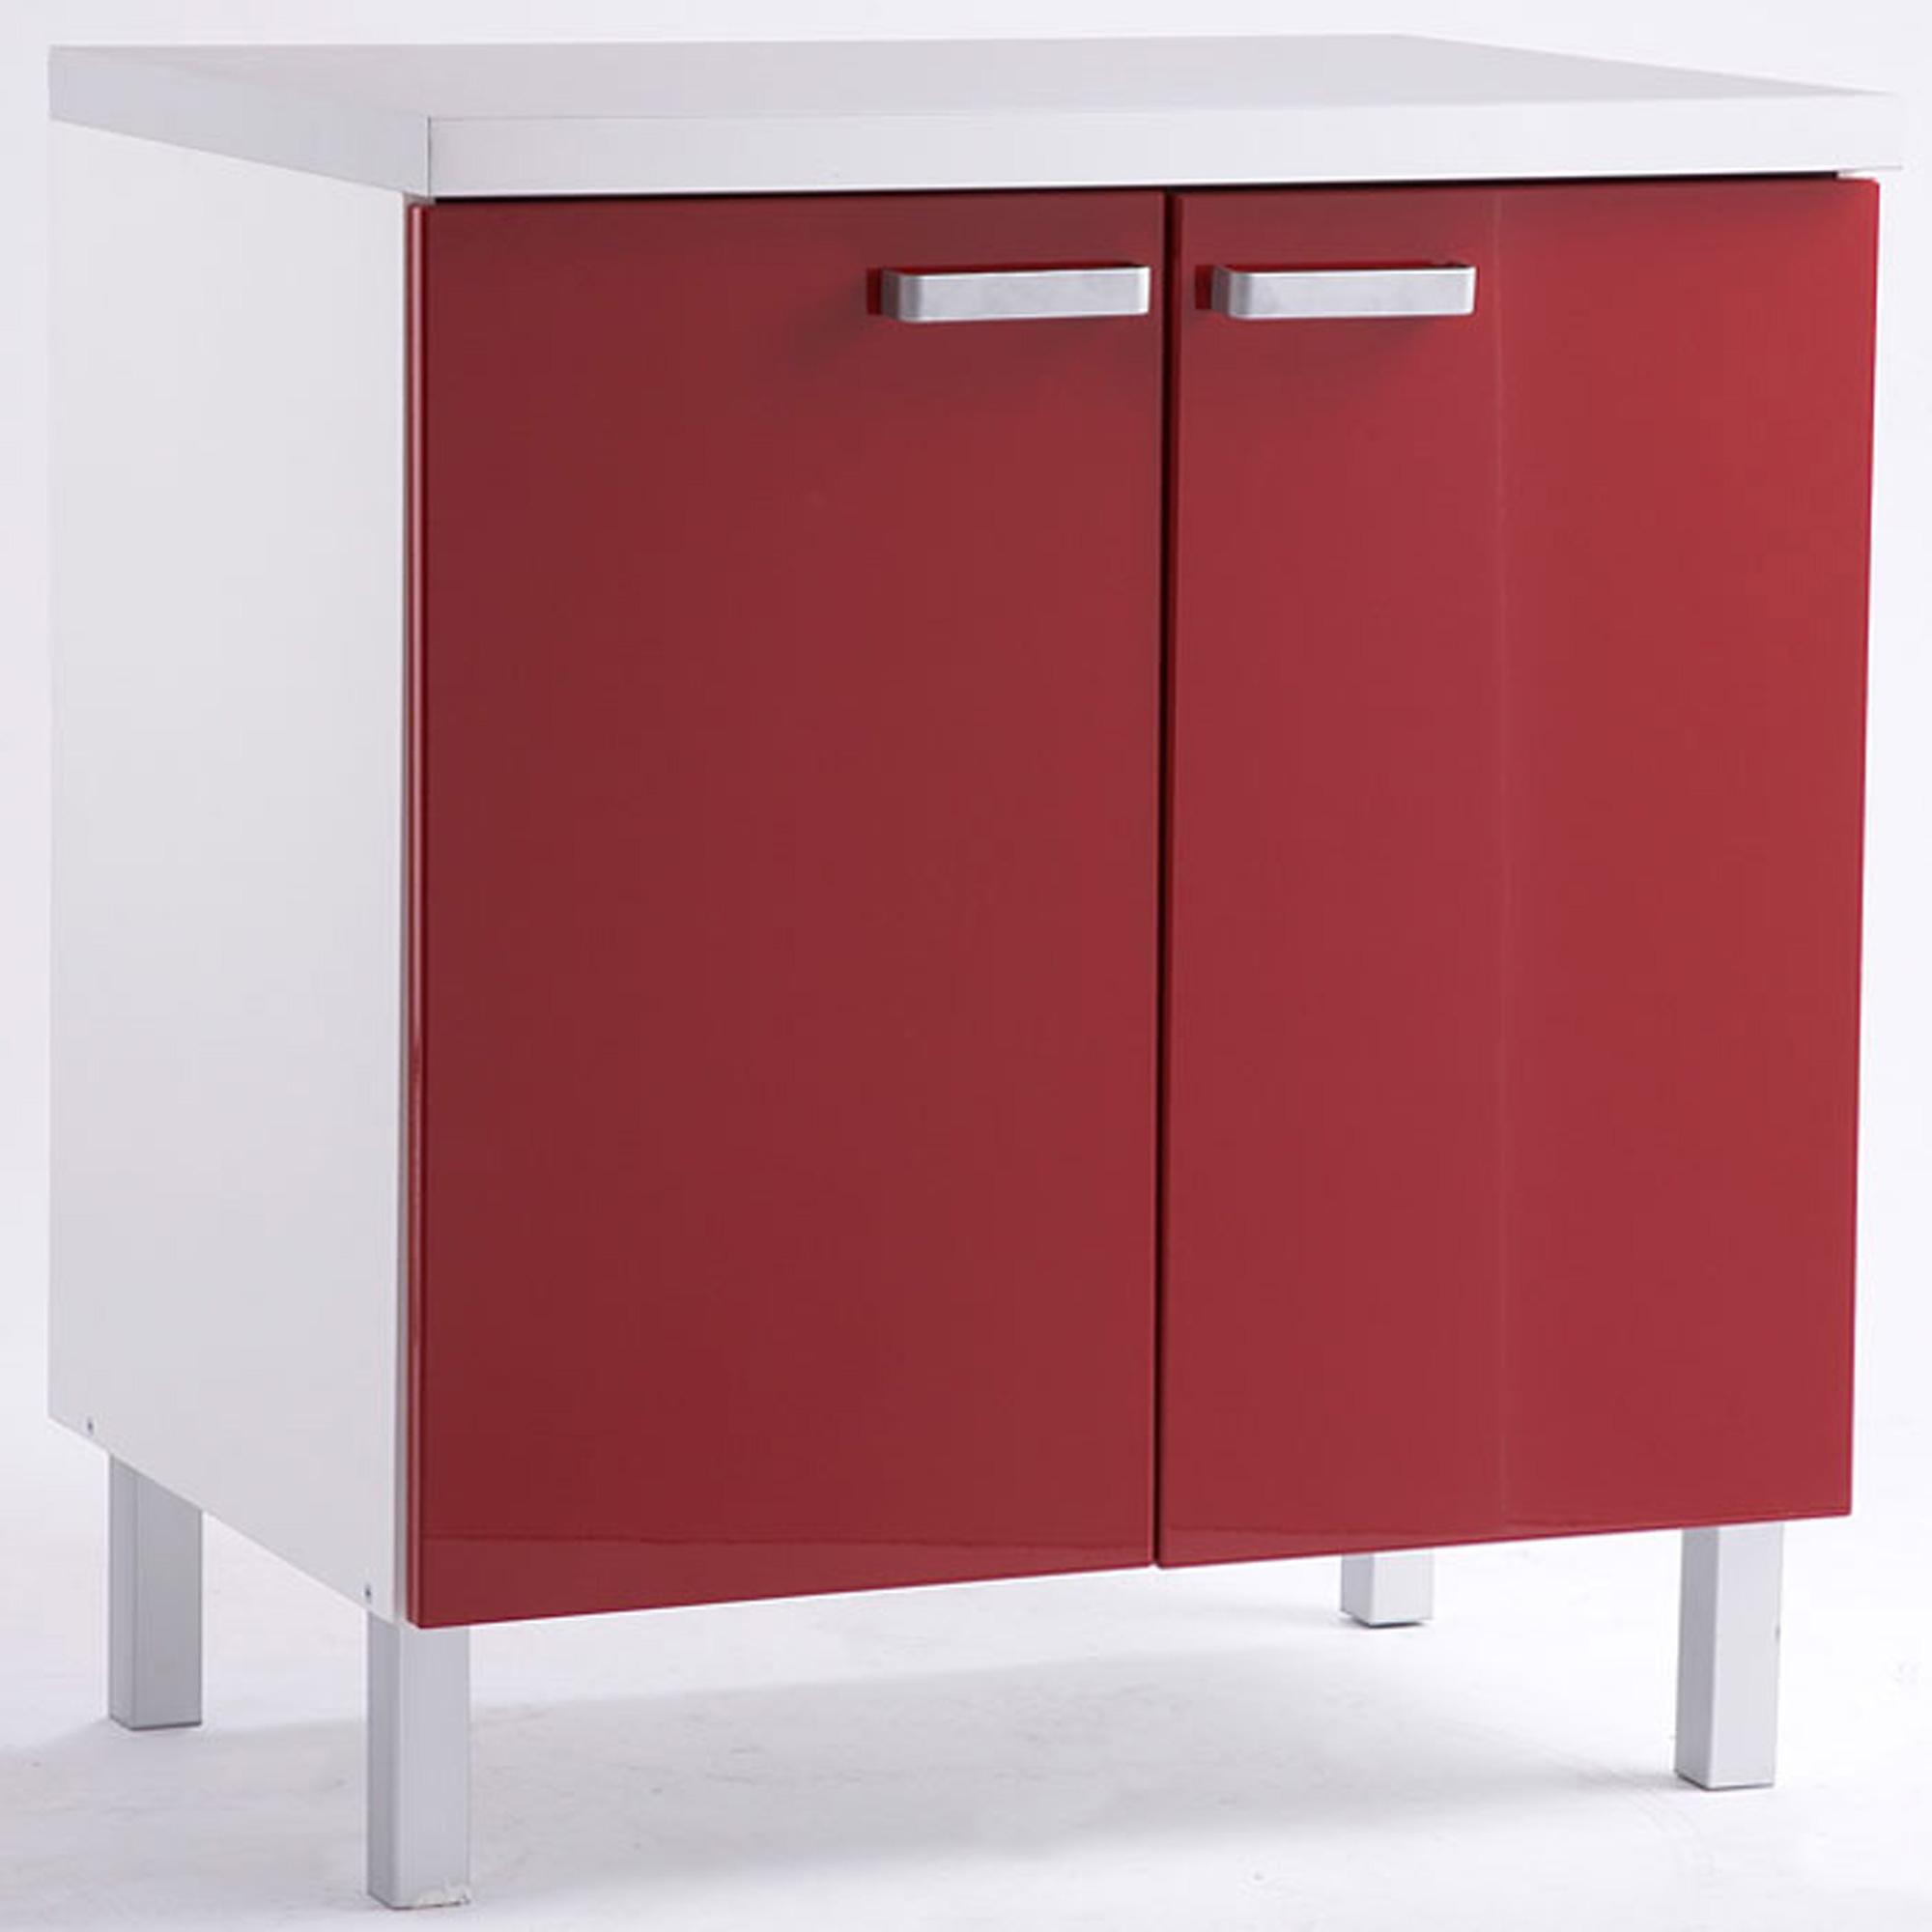 Meuble bas 2 portes citiz rouge caisson blanc anniversaire 40 ans acheter ce produit au for Meuble bas 3 portes